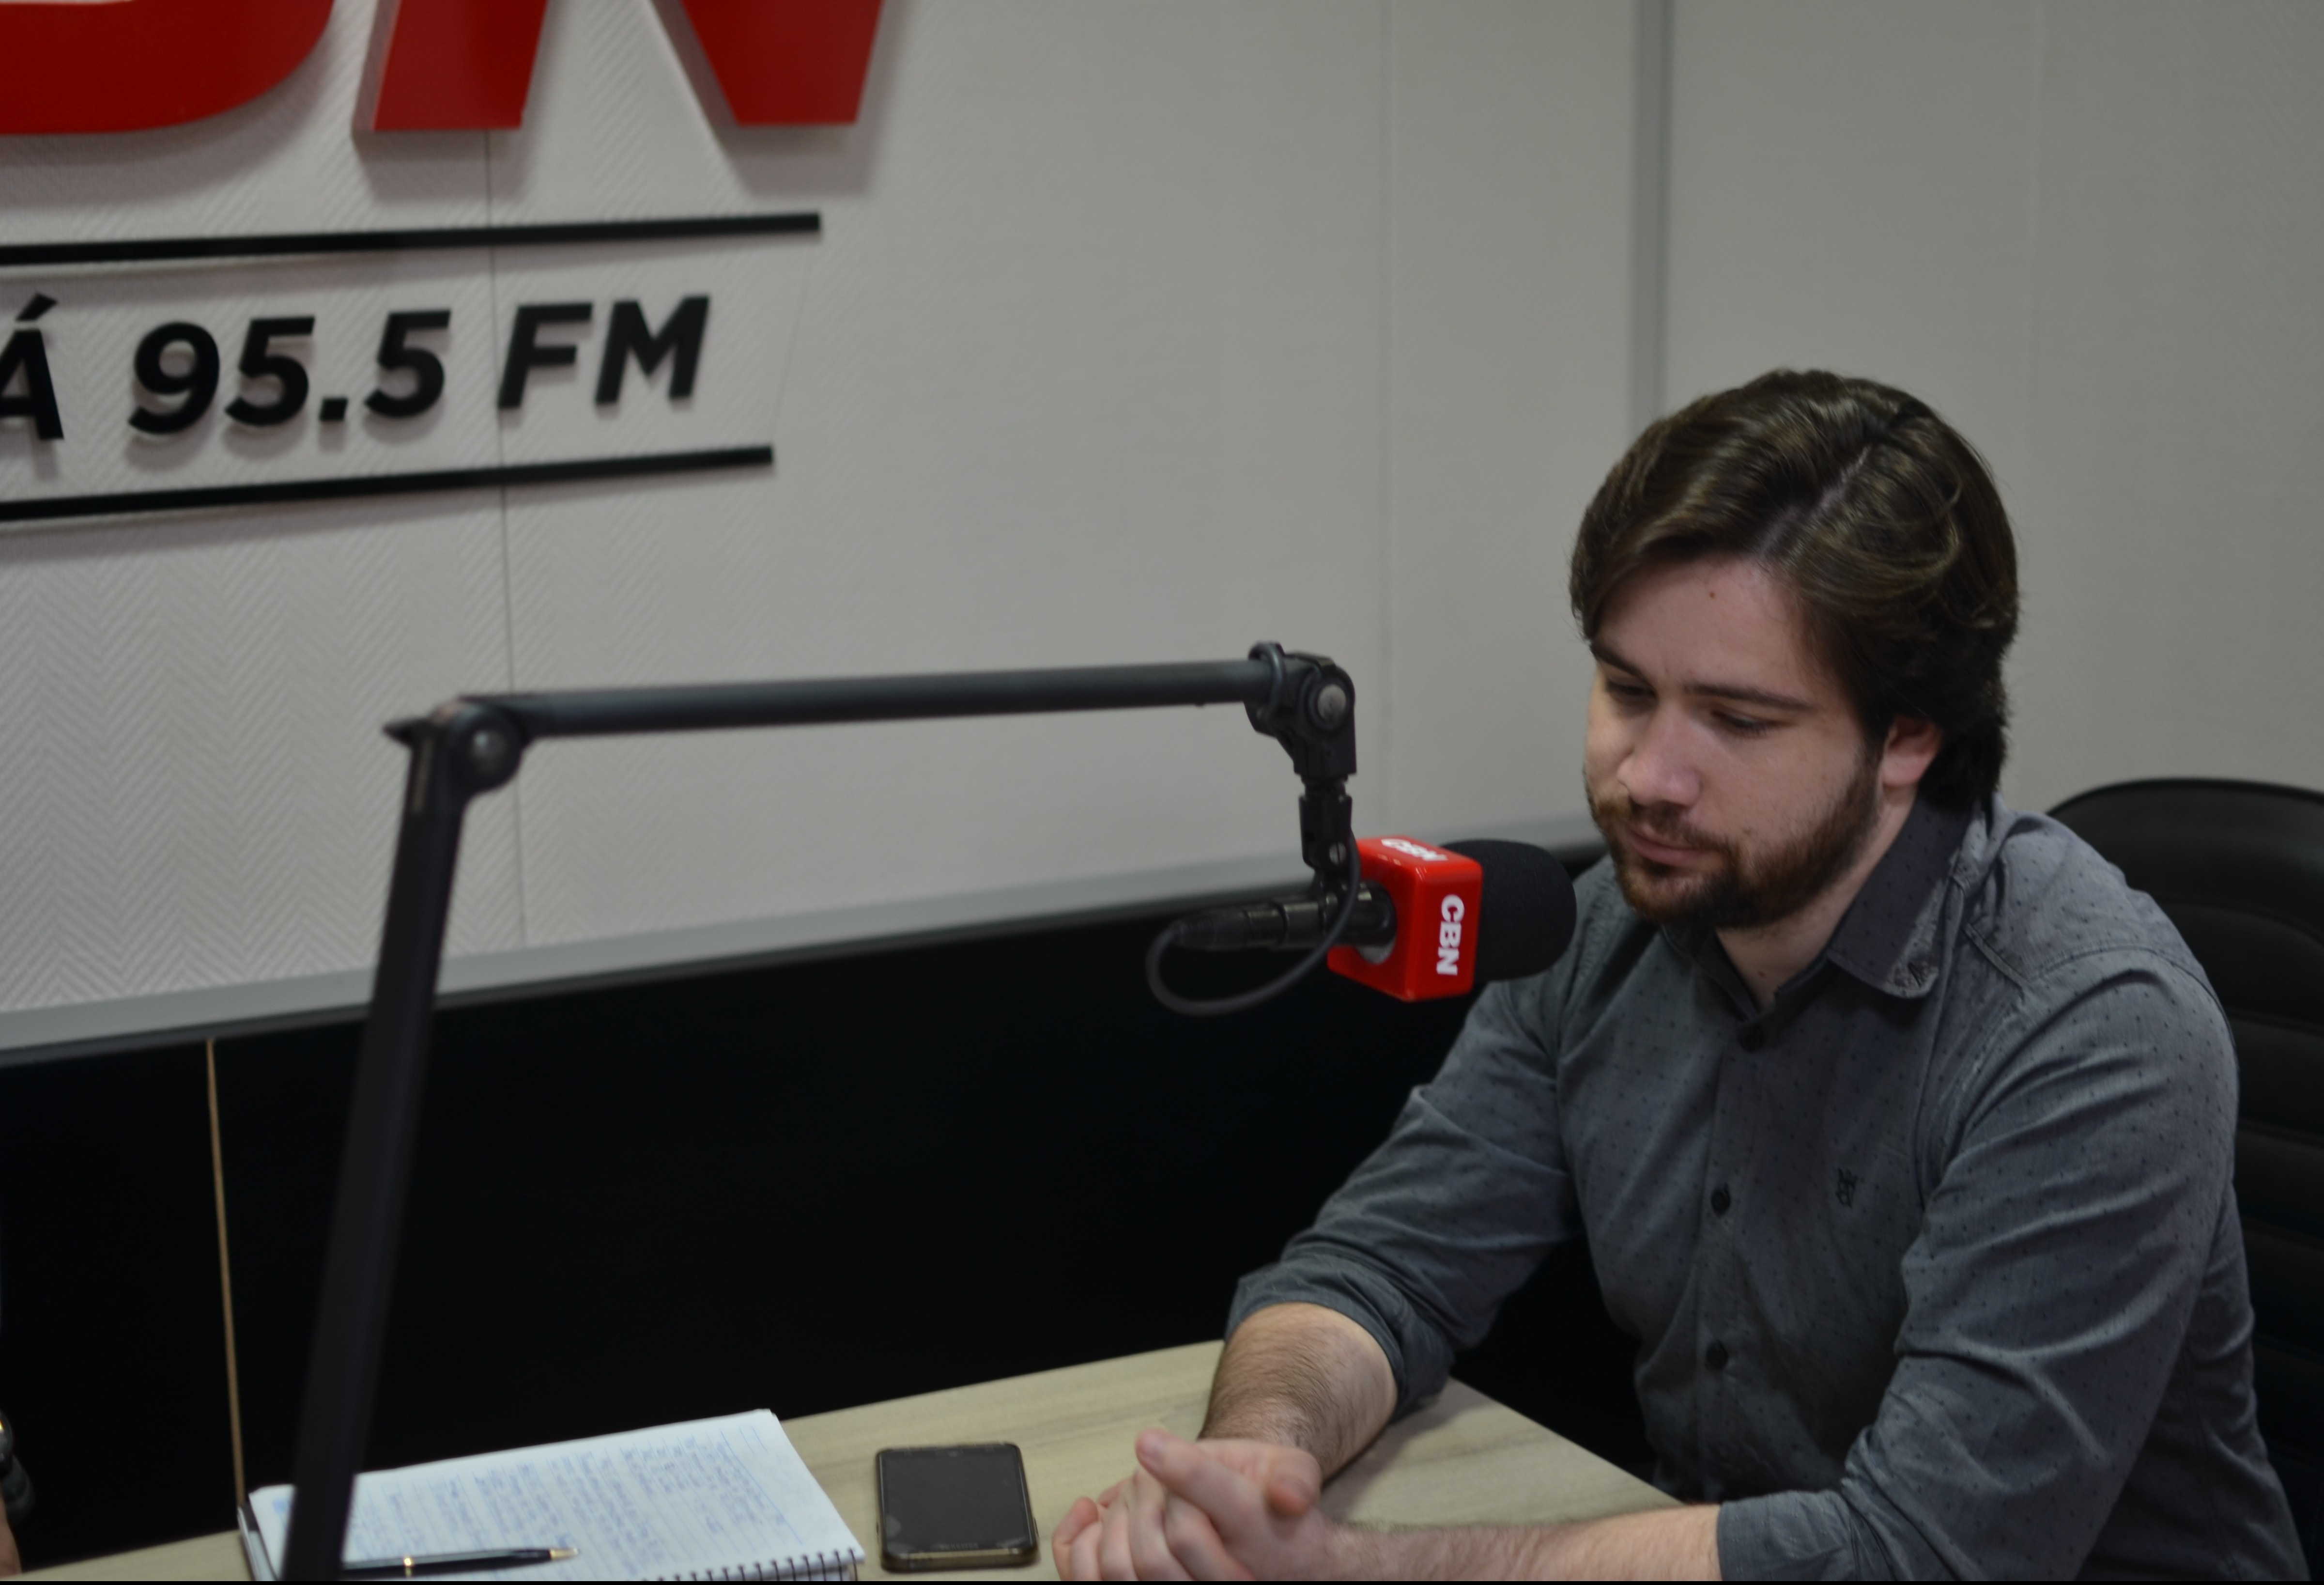 Jovens brasileiros têm futuro ameaçado, segundo pesquisa